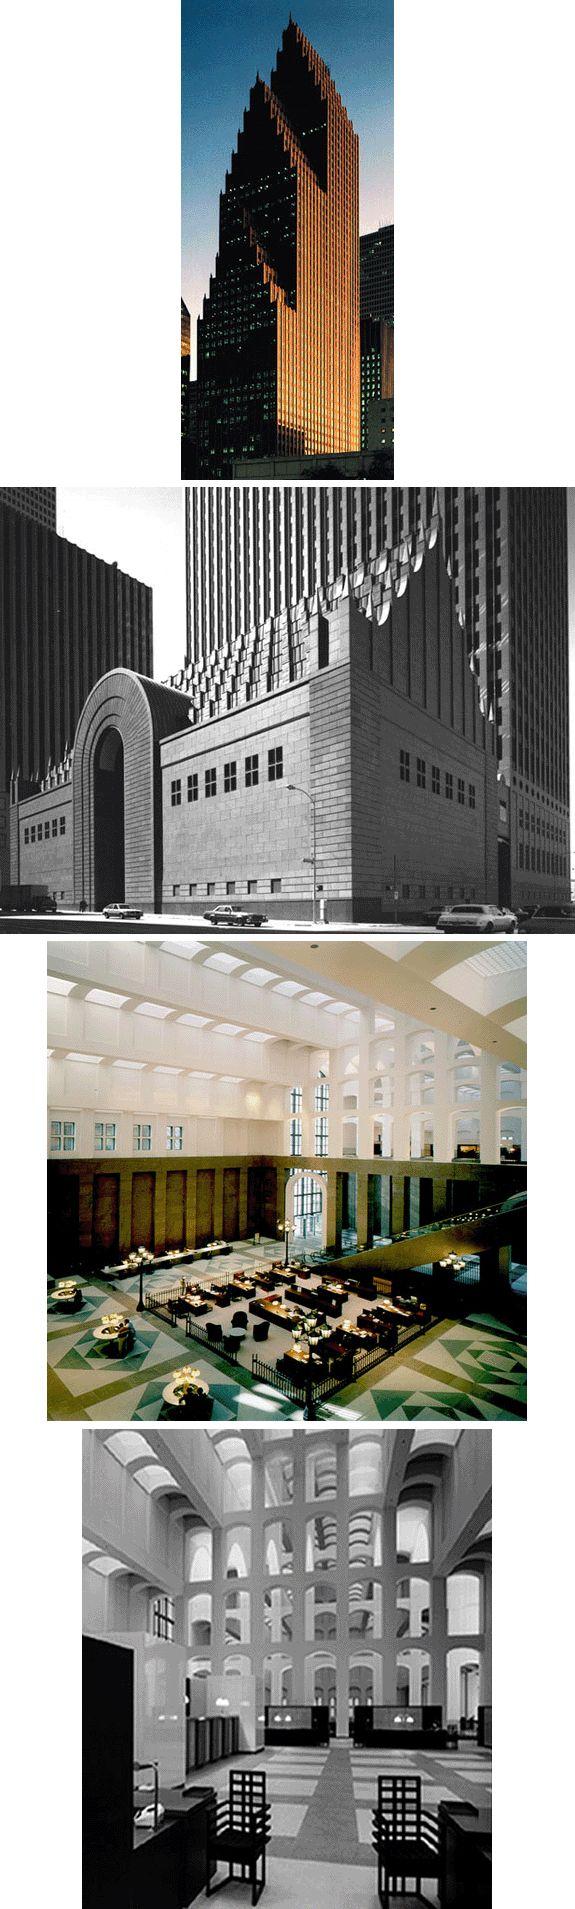 Национальный банк Америки (Nations Bank), Даллас, Техас, США (1987 г.)